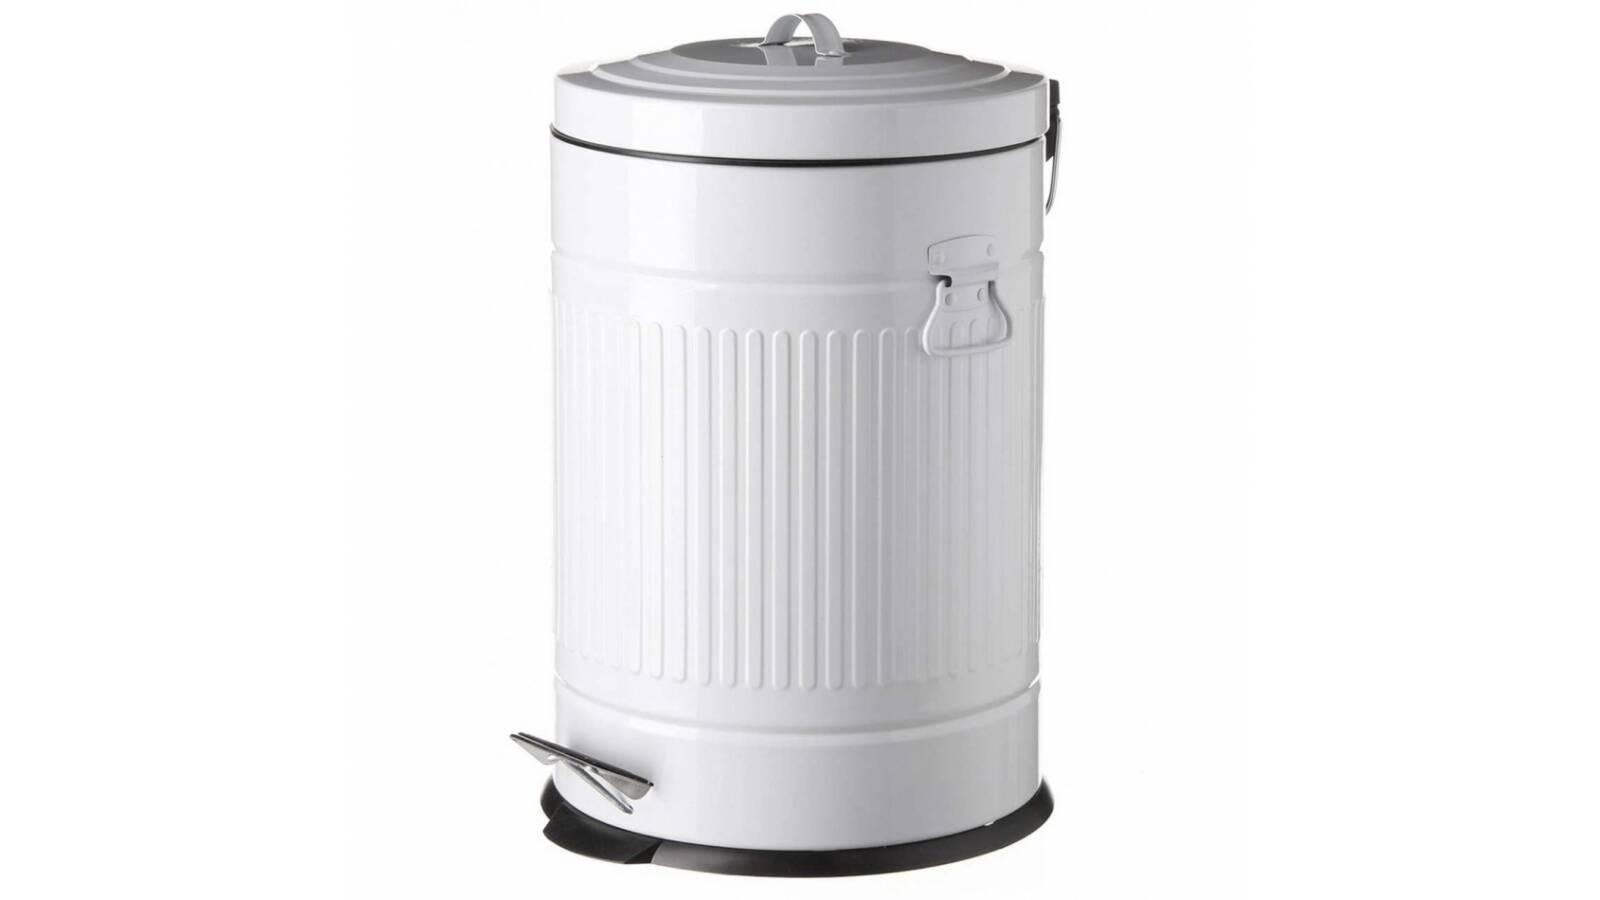 Tacho cesto de basura 20 litros retro blanco